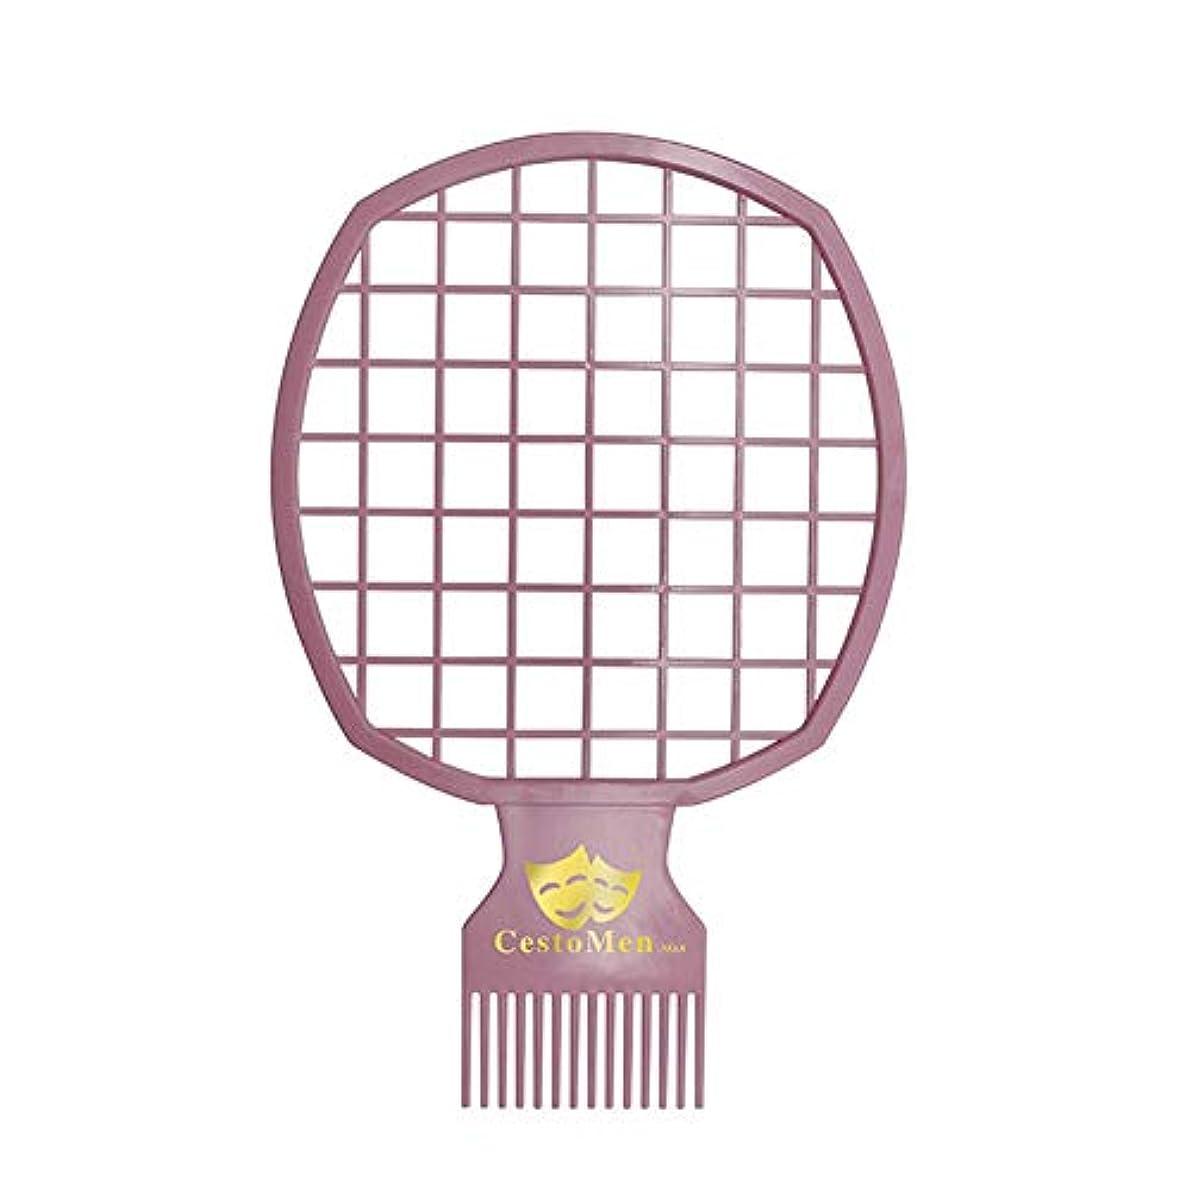 アロングマリナードナーACHICOO ヘアコーム 2 in 1 多機能 アフロツイスト 理髪 アフロコーム ツイストウェーブ カール ブラシ コーム 男性 メンズ  ピンク